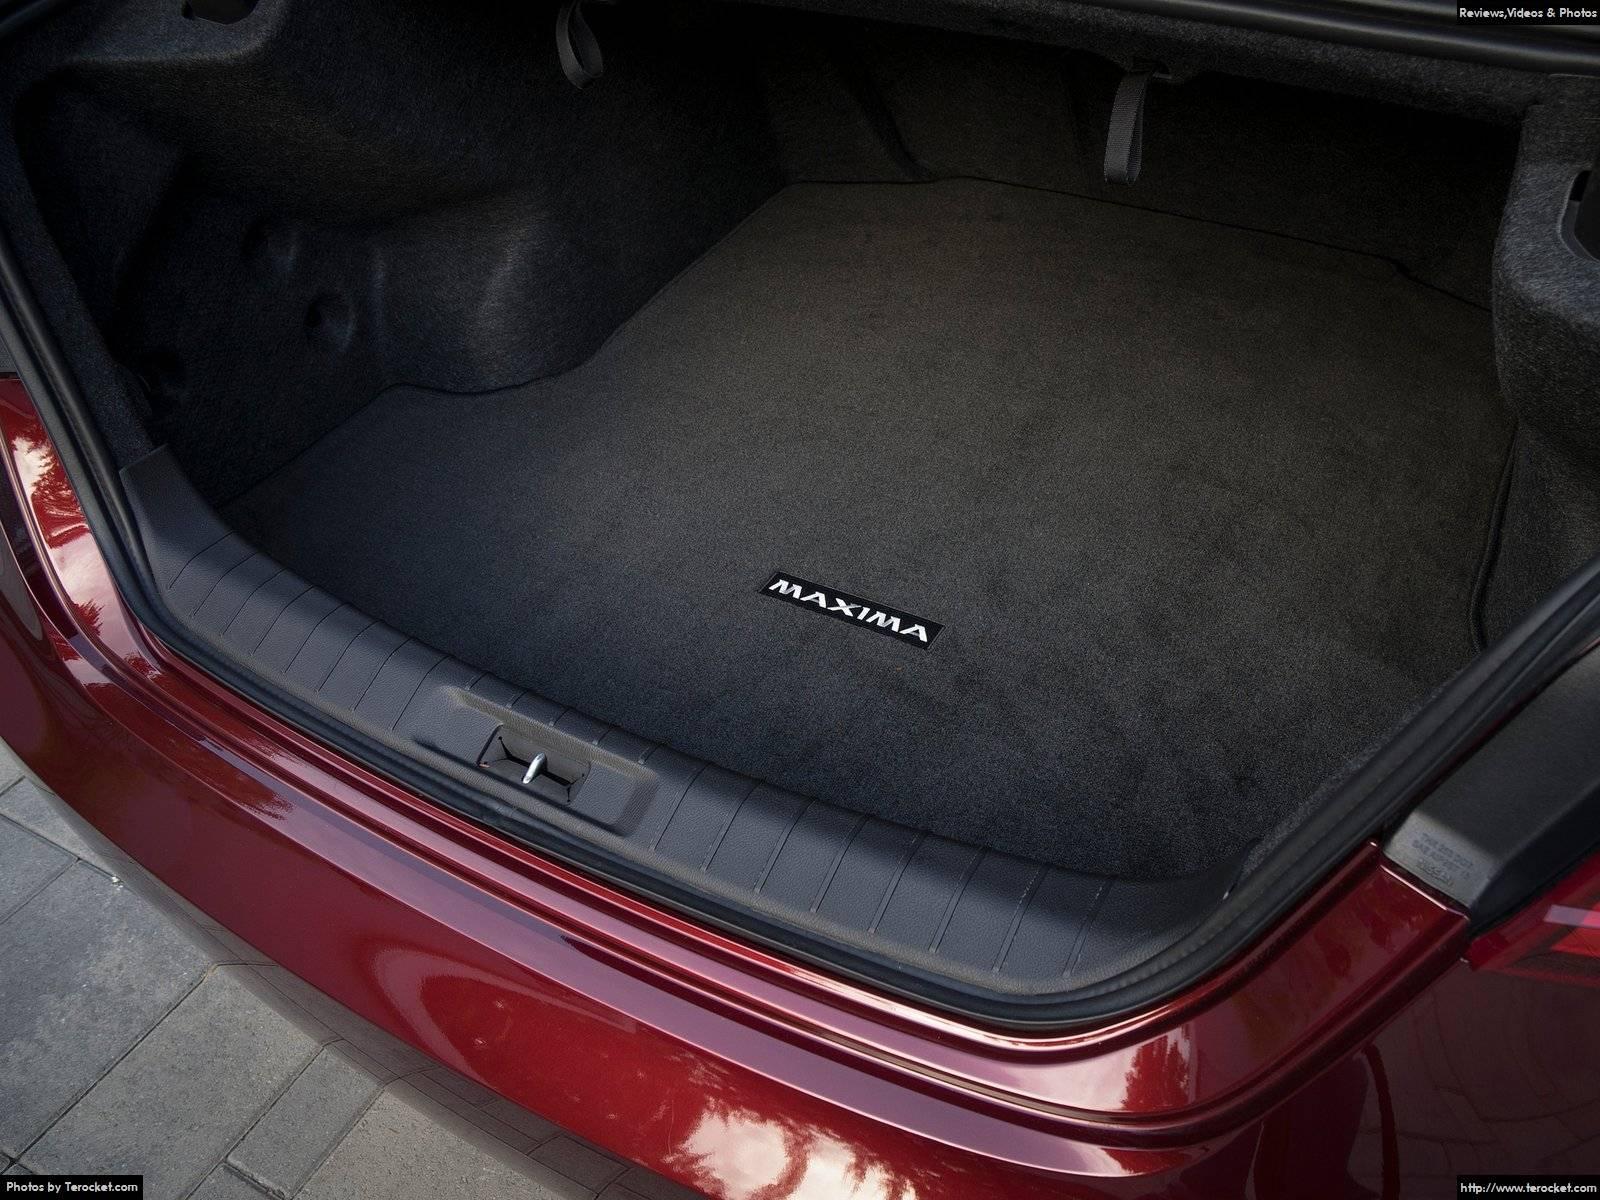 Hình ảnh xe ô tô Nissan Maxima 2016 & nội ngoại thất